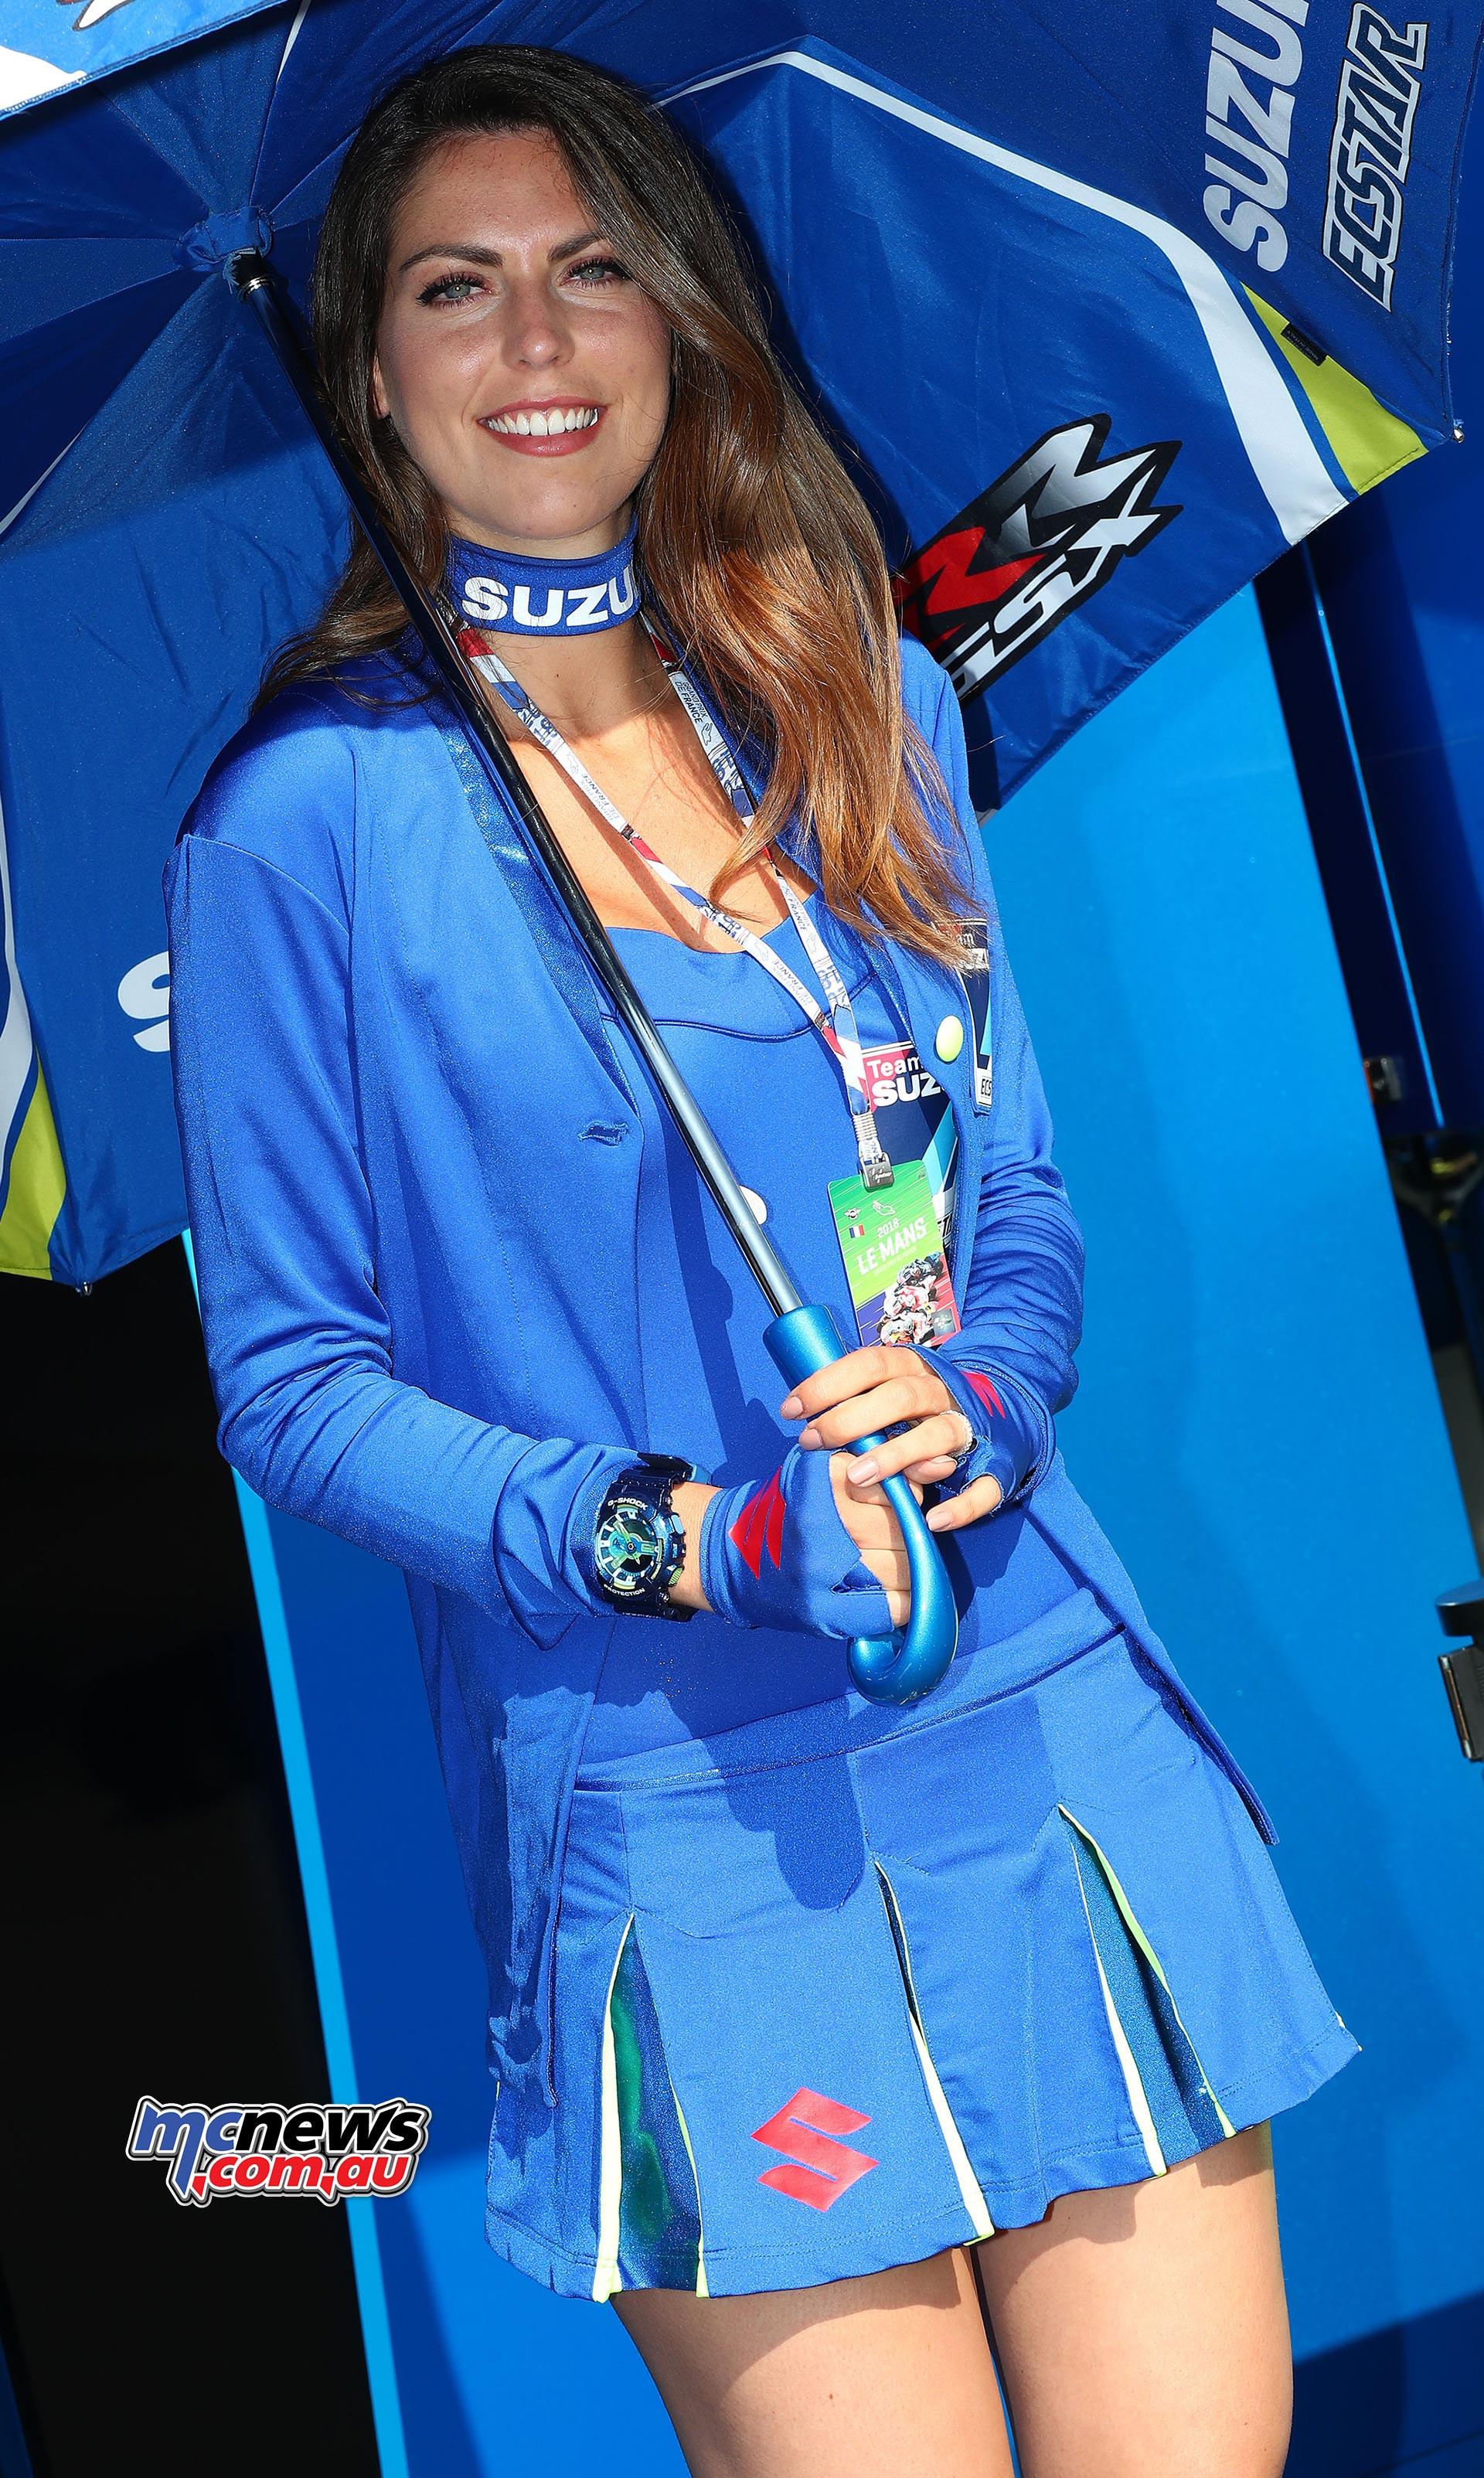 2018 Le Mans Motogp 2018 Grid Girls Mcnews Com Au